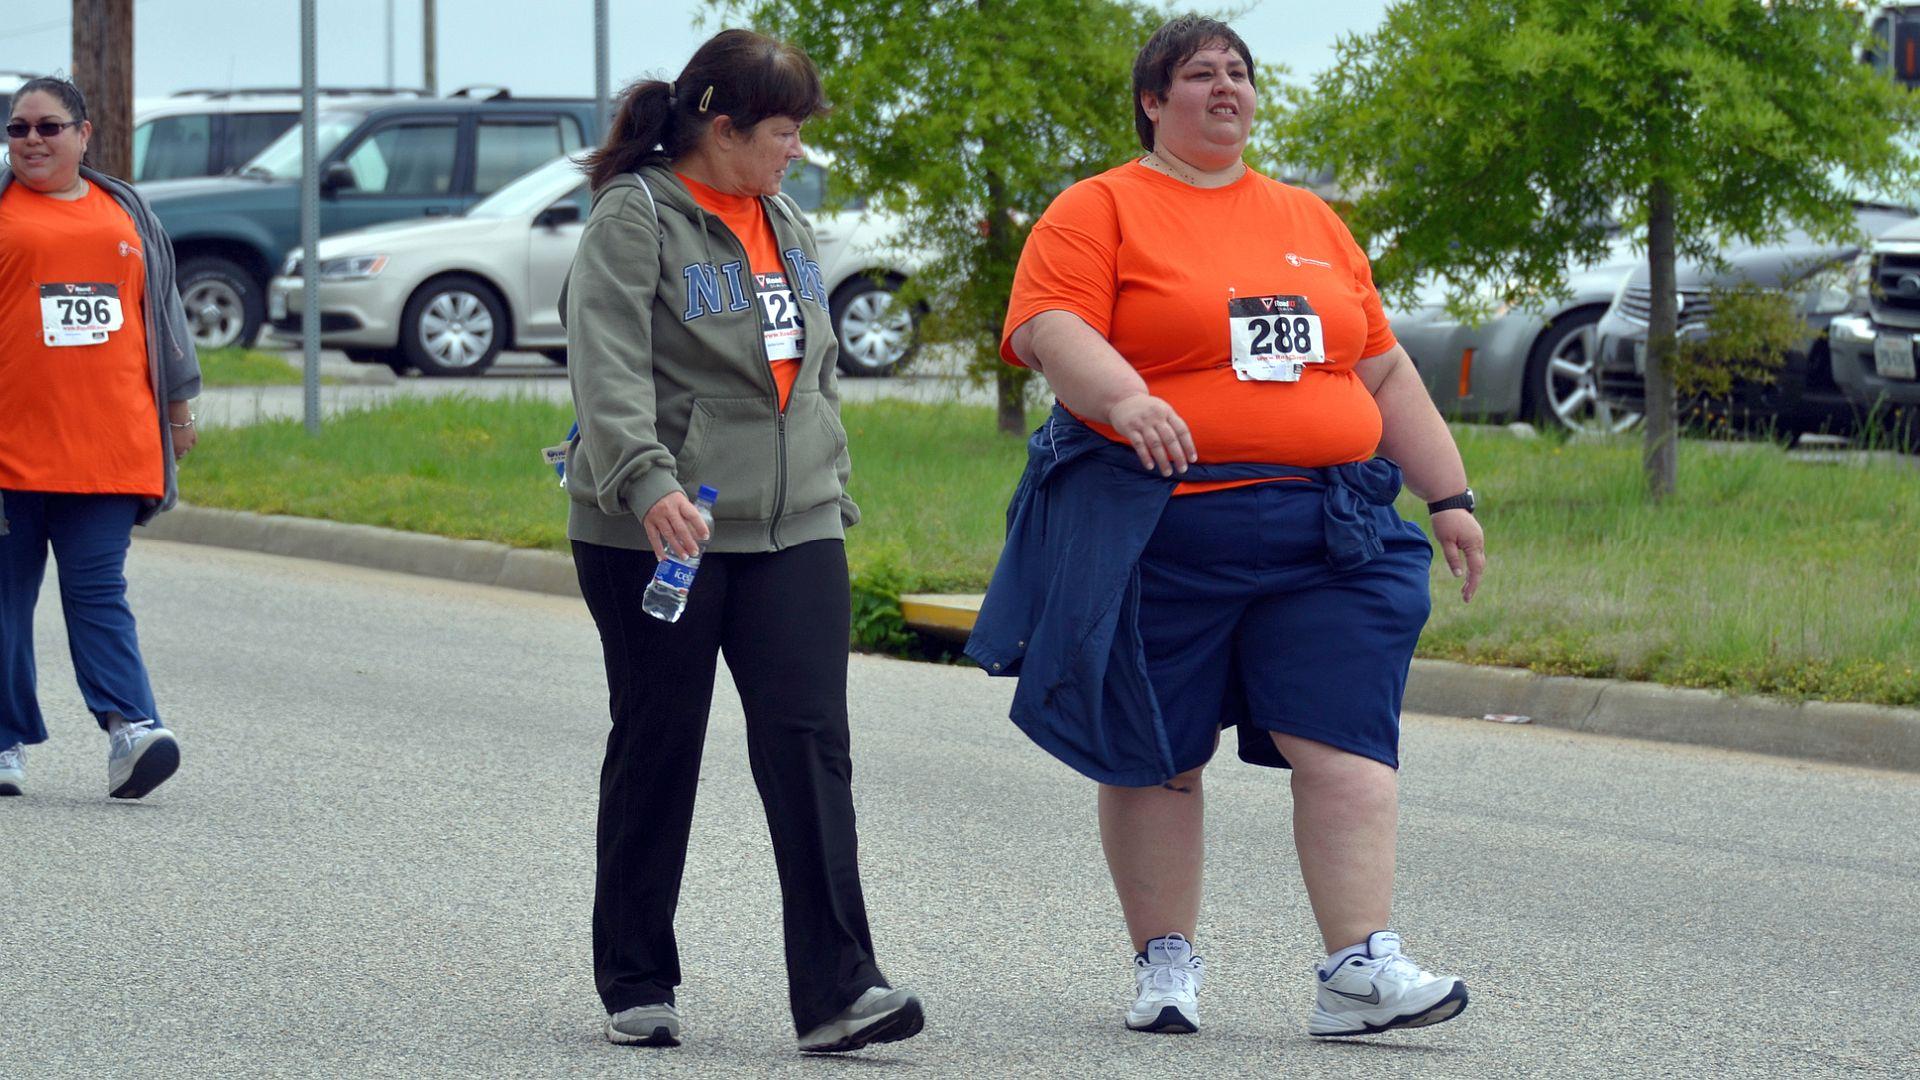 Vanaf 2019 is de gecombineerde leefstijlinterventie opgenomen in de Zorgverzekeringswet. Een leefstijlcoach biedt deze interventie aan, voor mensen met overgewicht en obesitas.